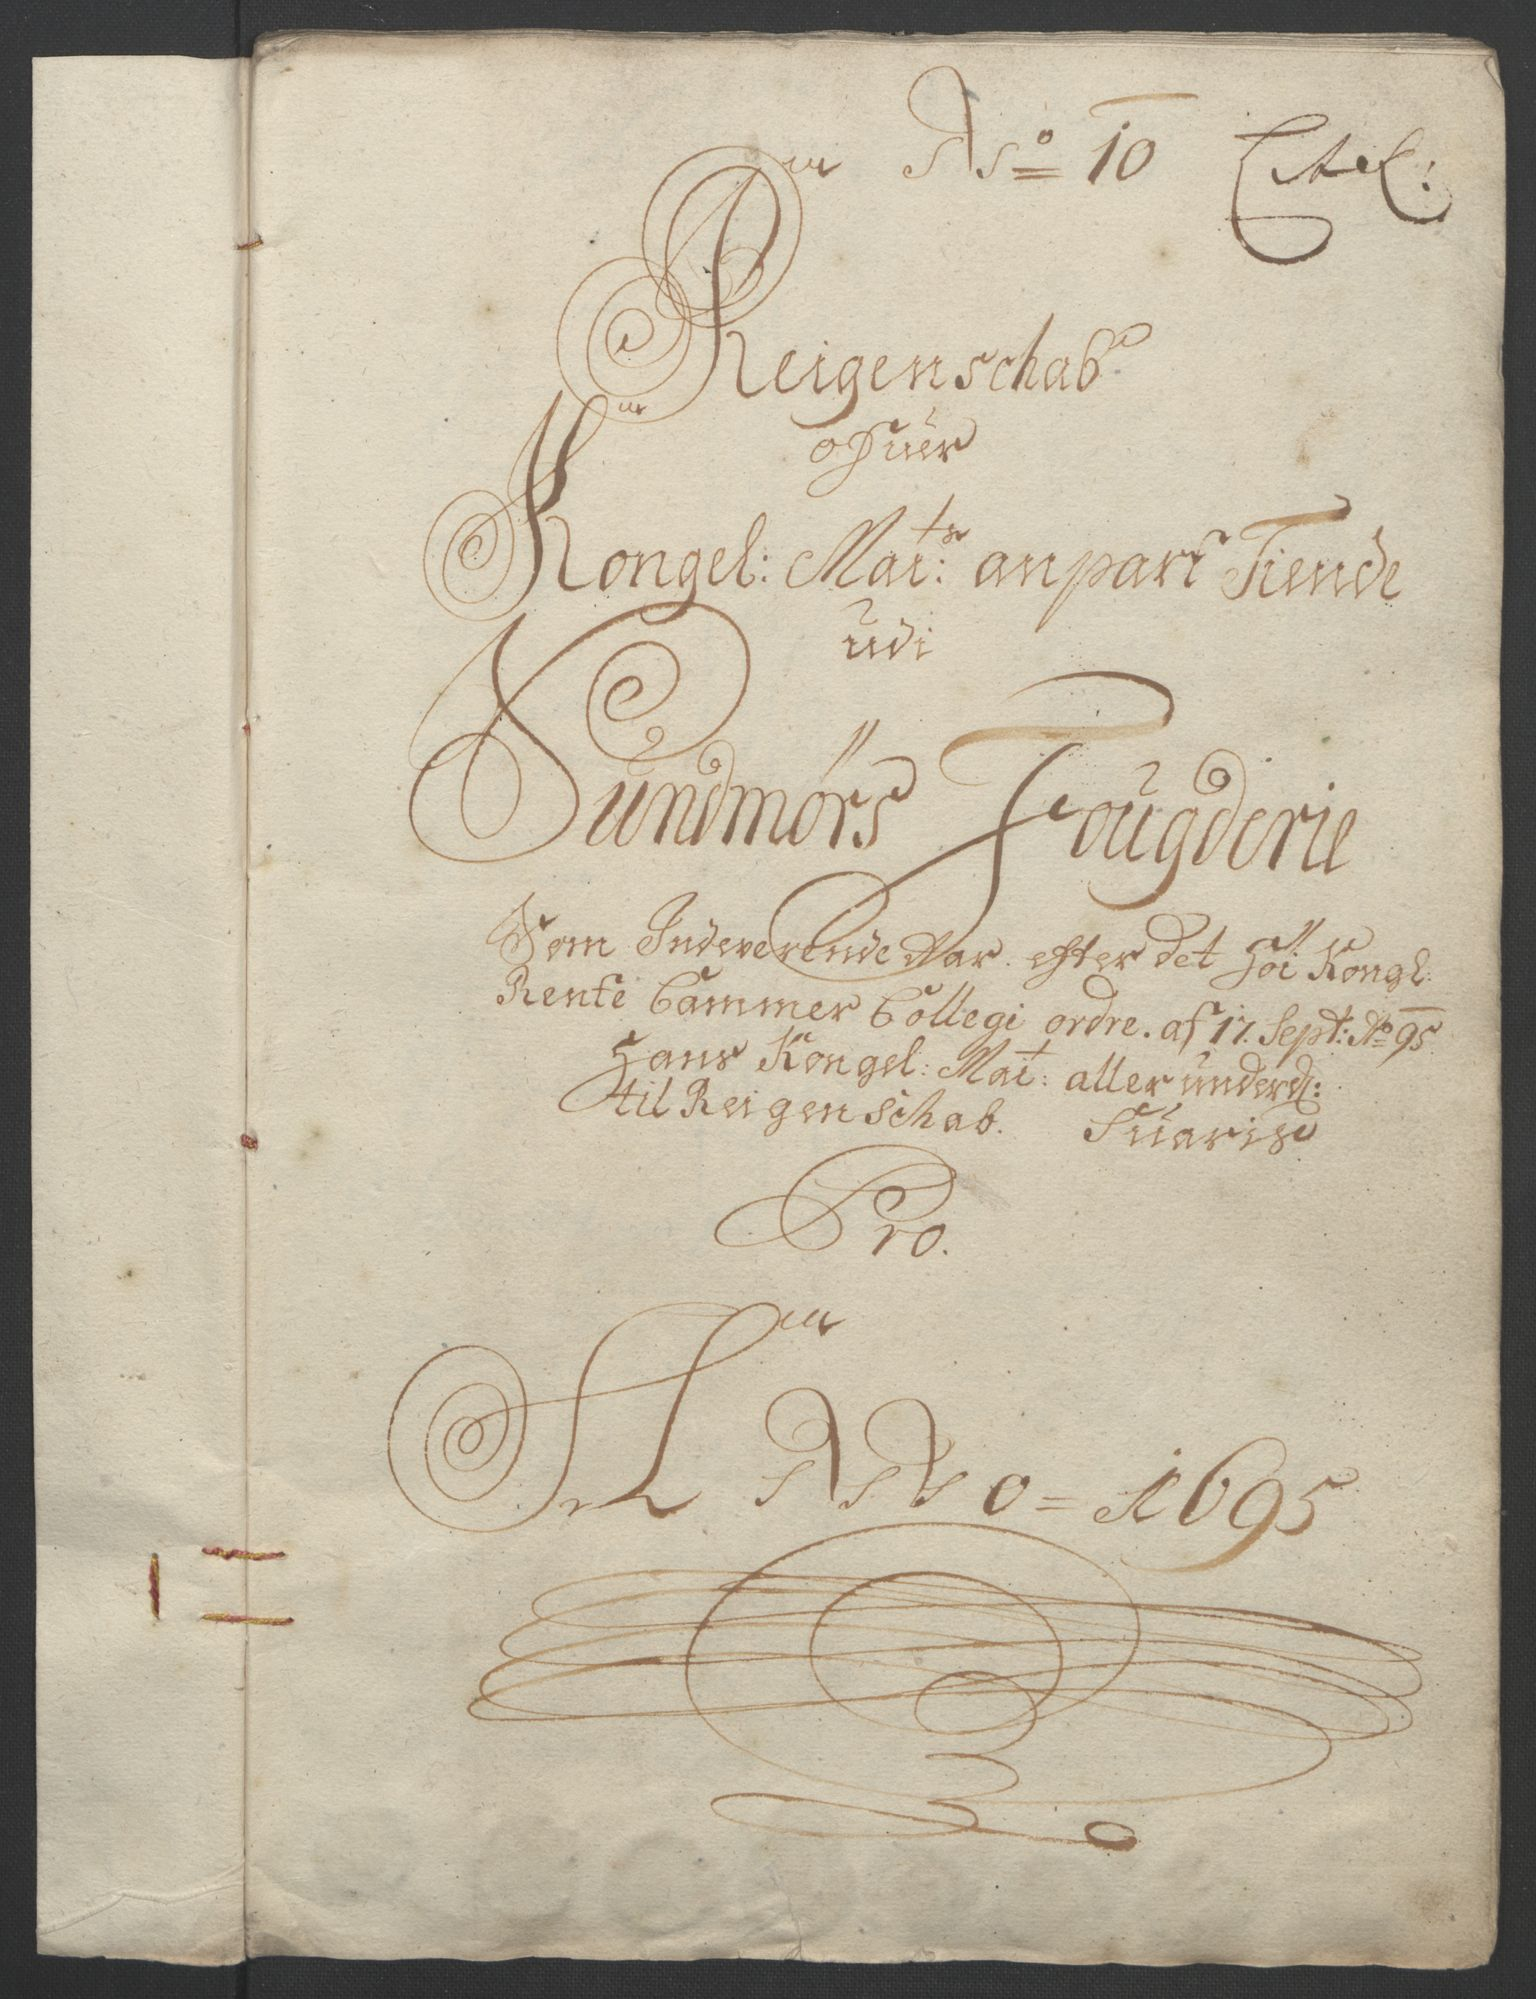 RA, Rentekammeret inntil 1814, Reviderte regnskaper, Fogderegnskap, R54/L3555: Fogderegnskap Sunnmøre, 1694-1695, s. 313